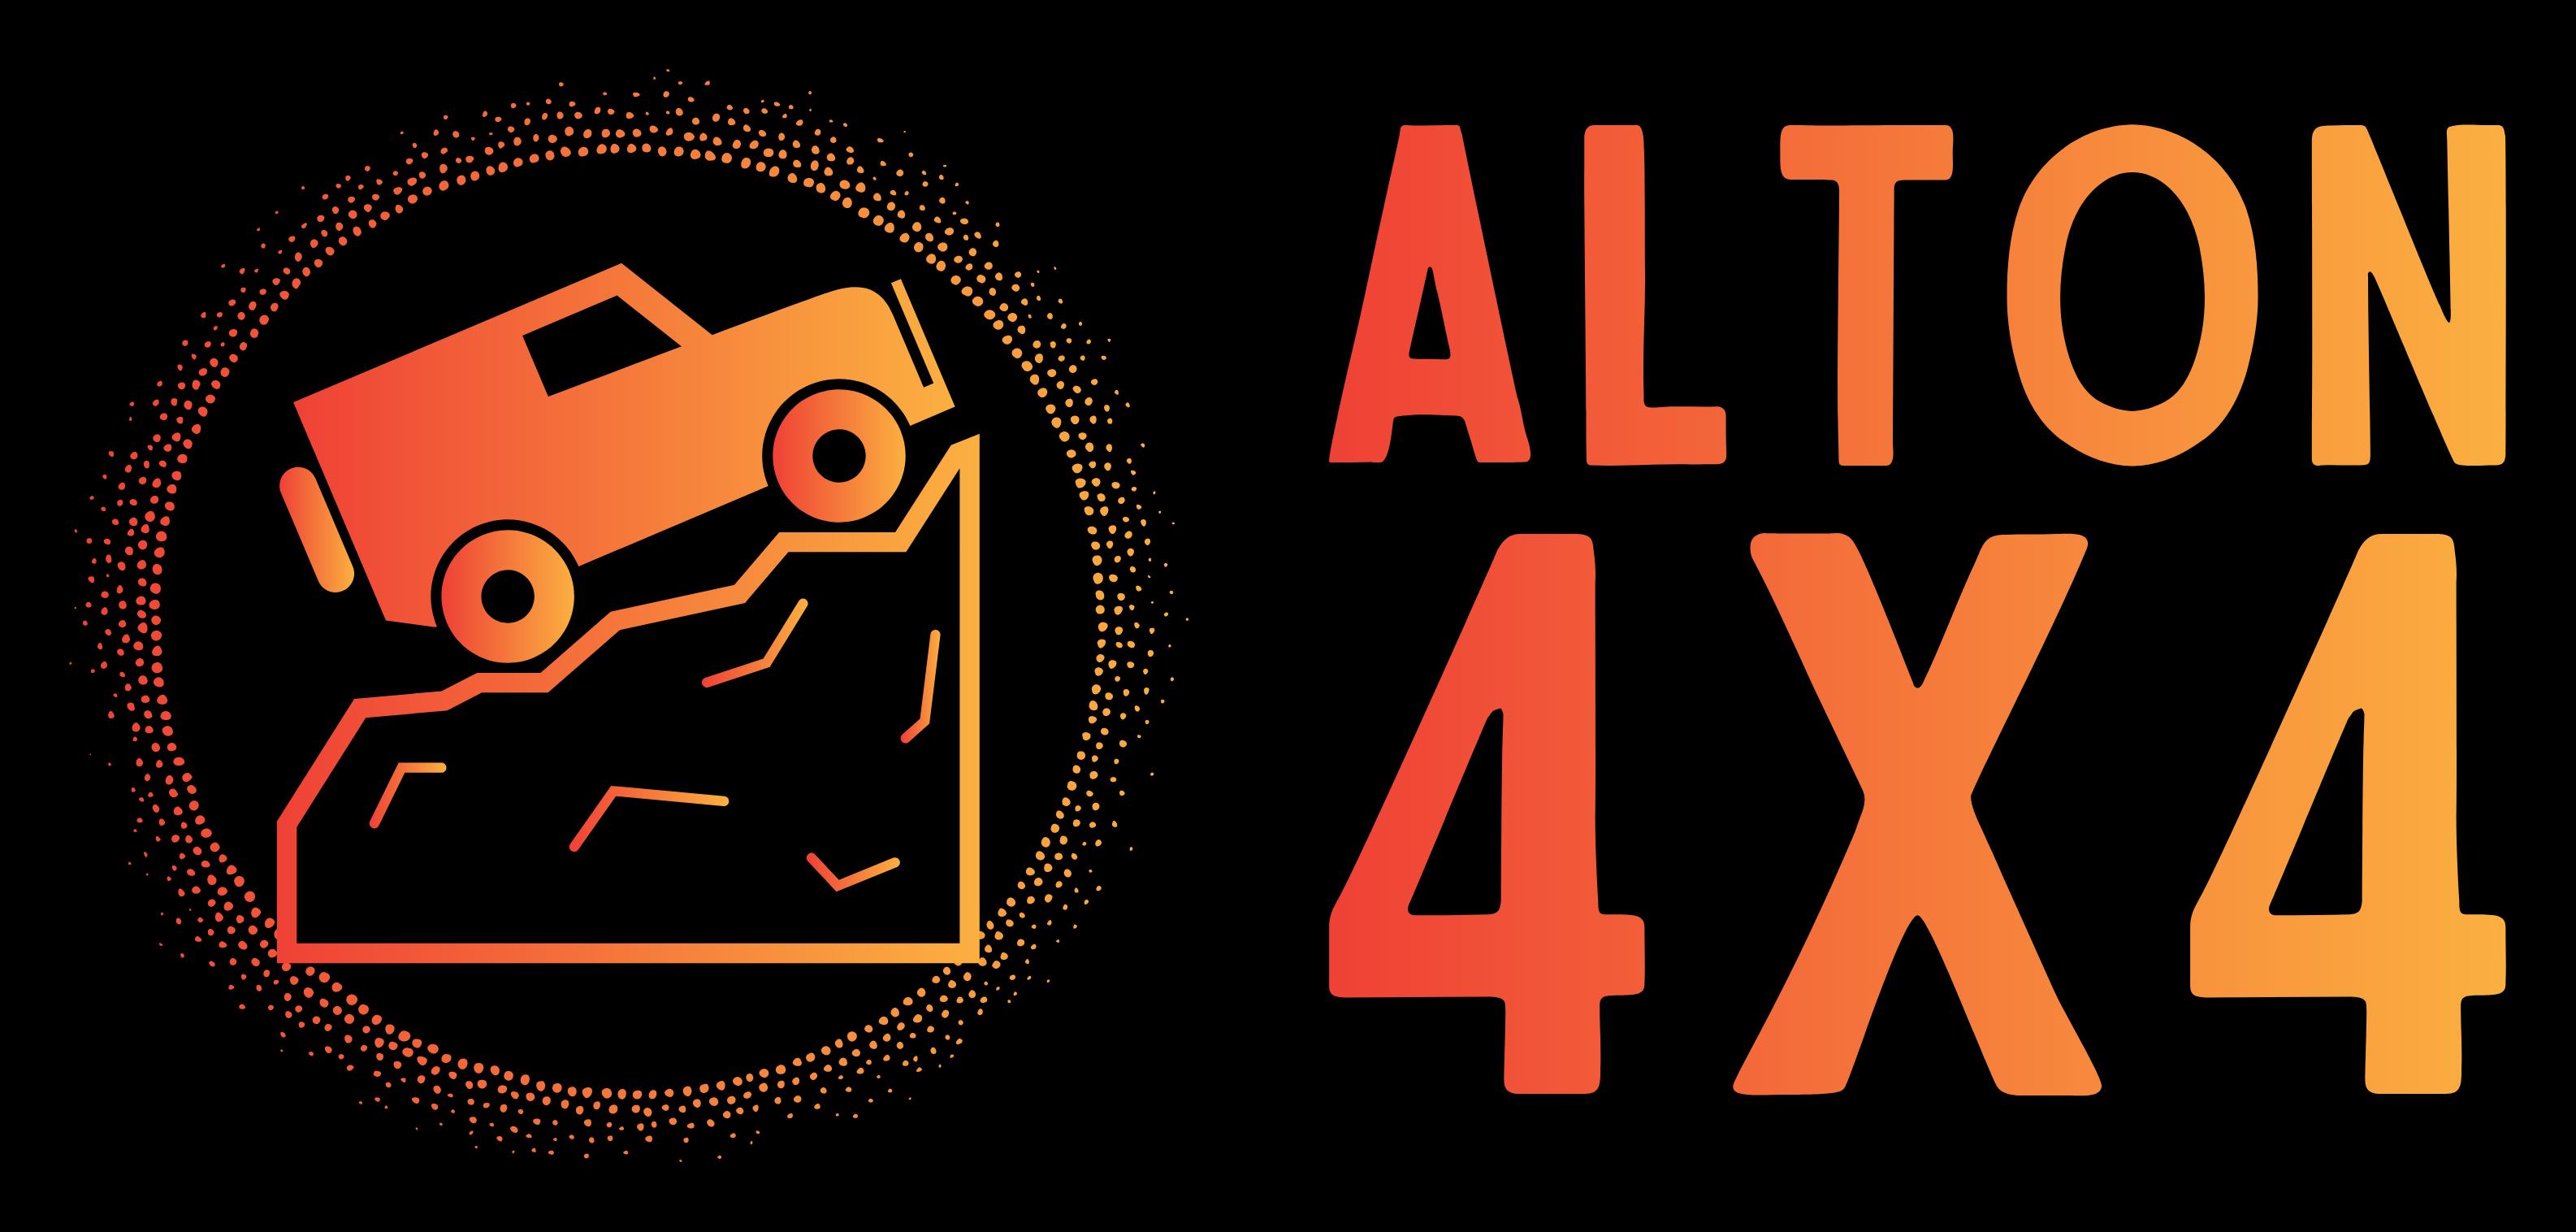 Alton 4x4